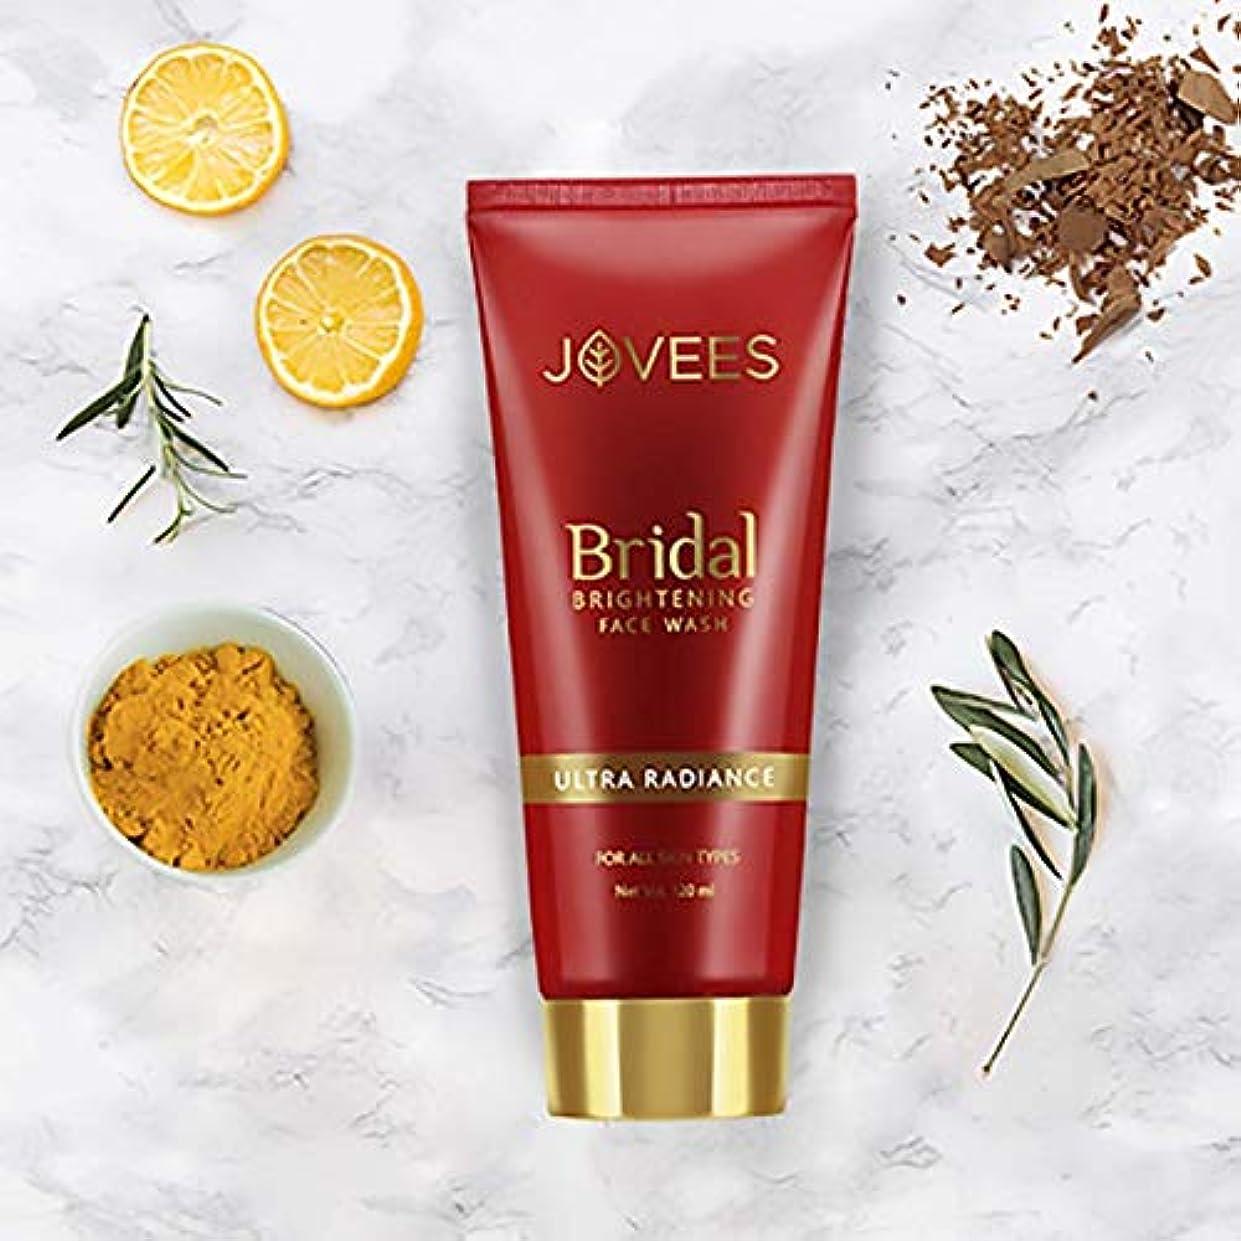 飛び込む等はちみつJovees Bridal Brightening Face Wash 120ml Ultra Radiance Even & brighter complex